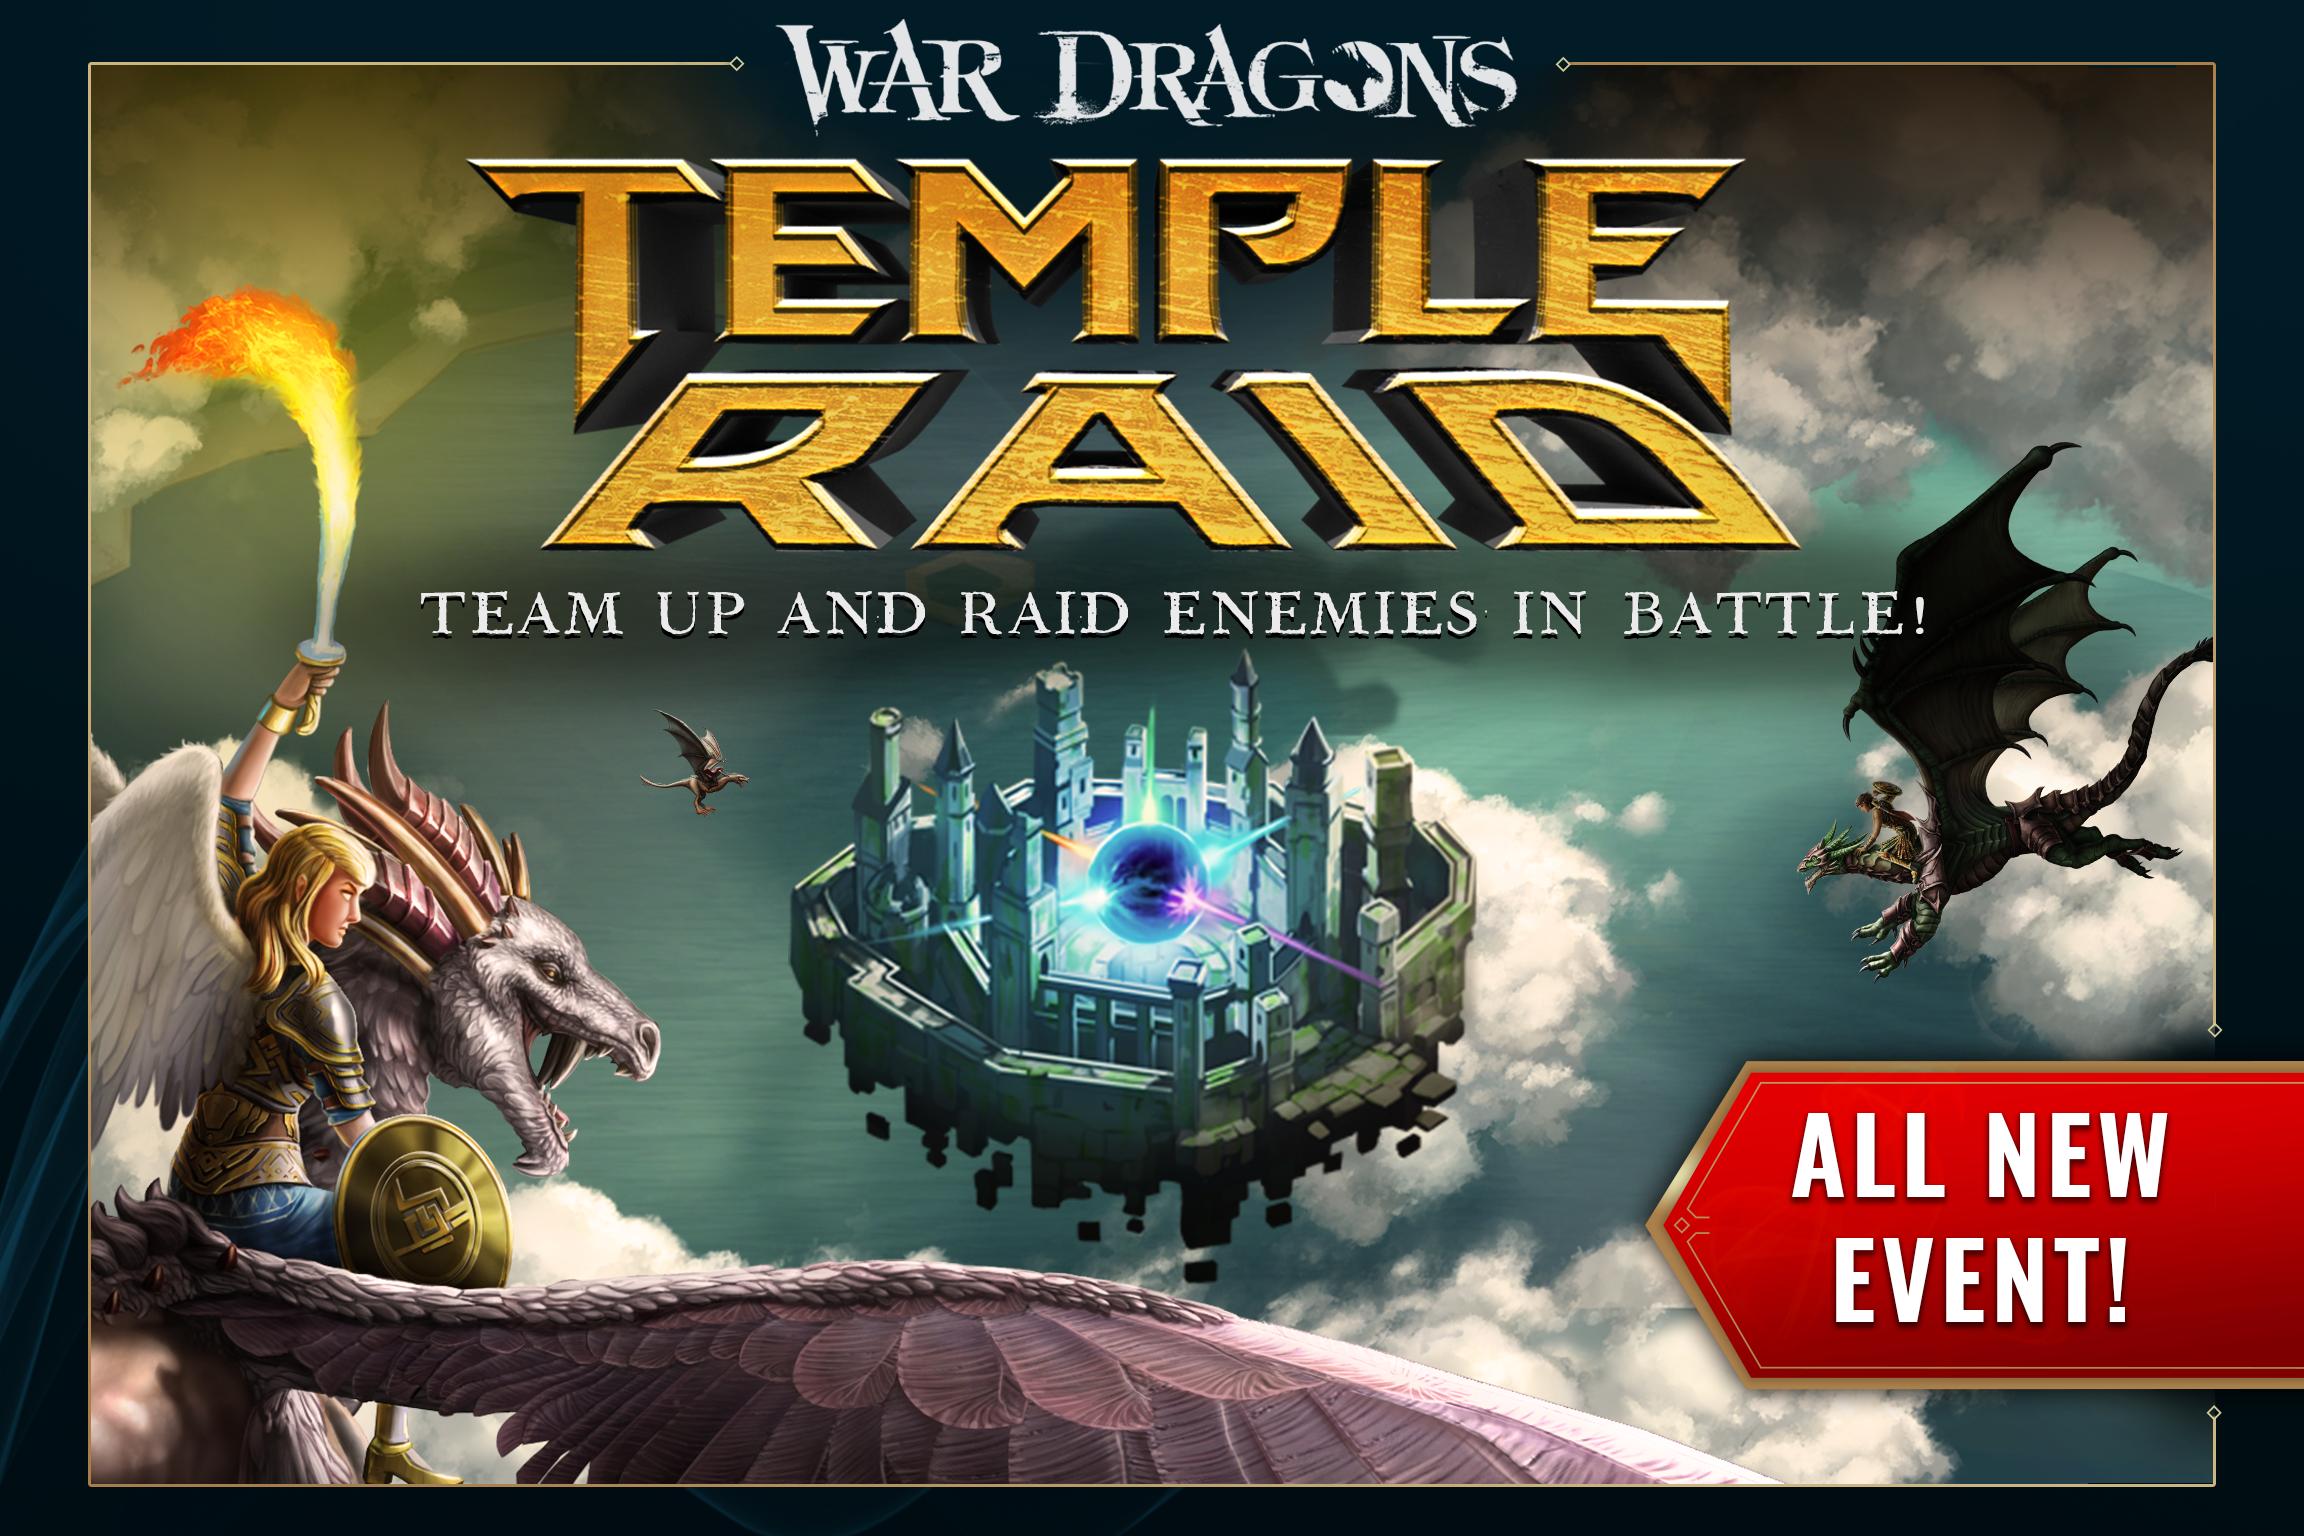 War Dragons - Temple Raid